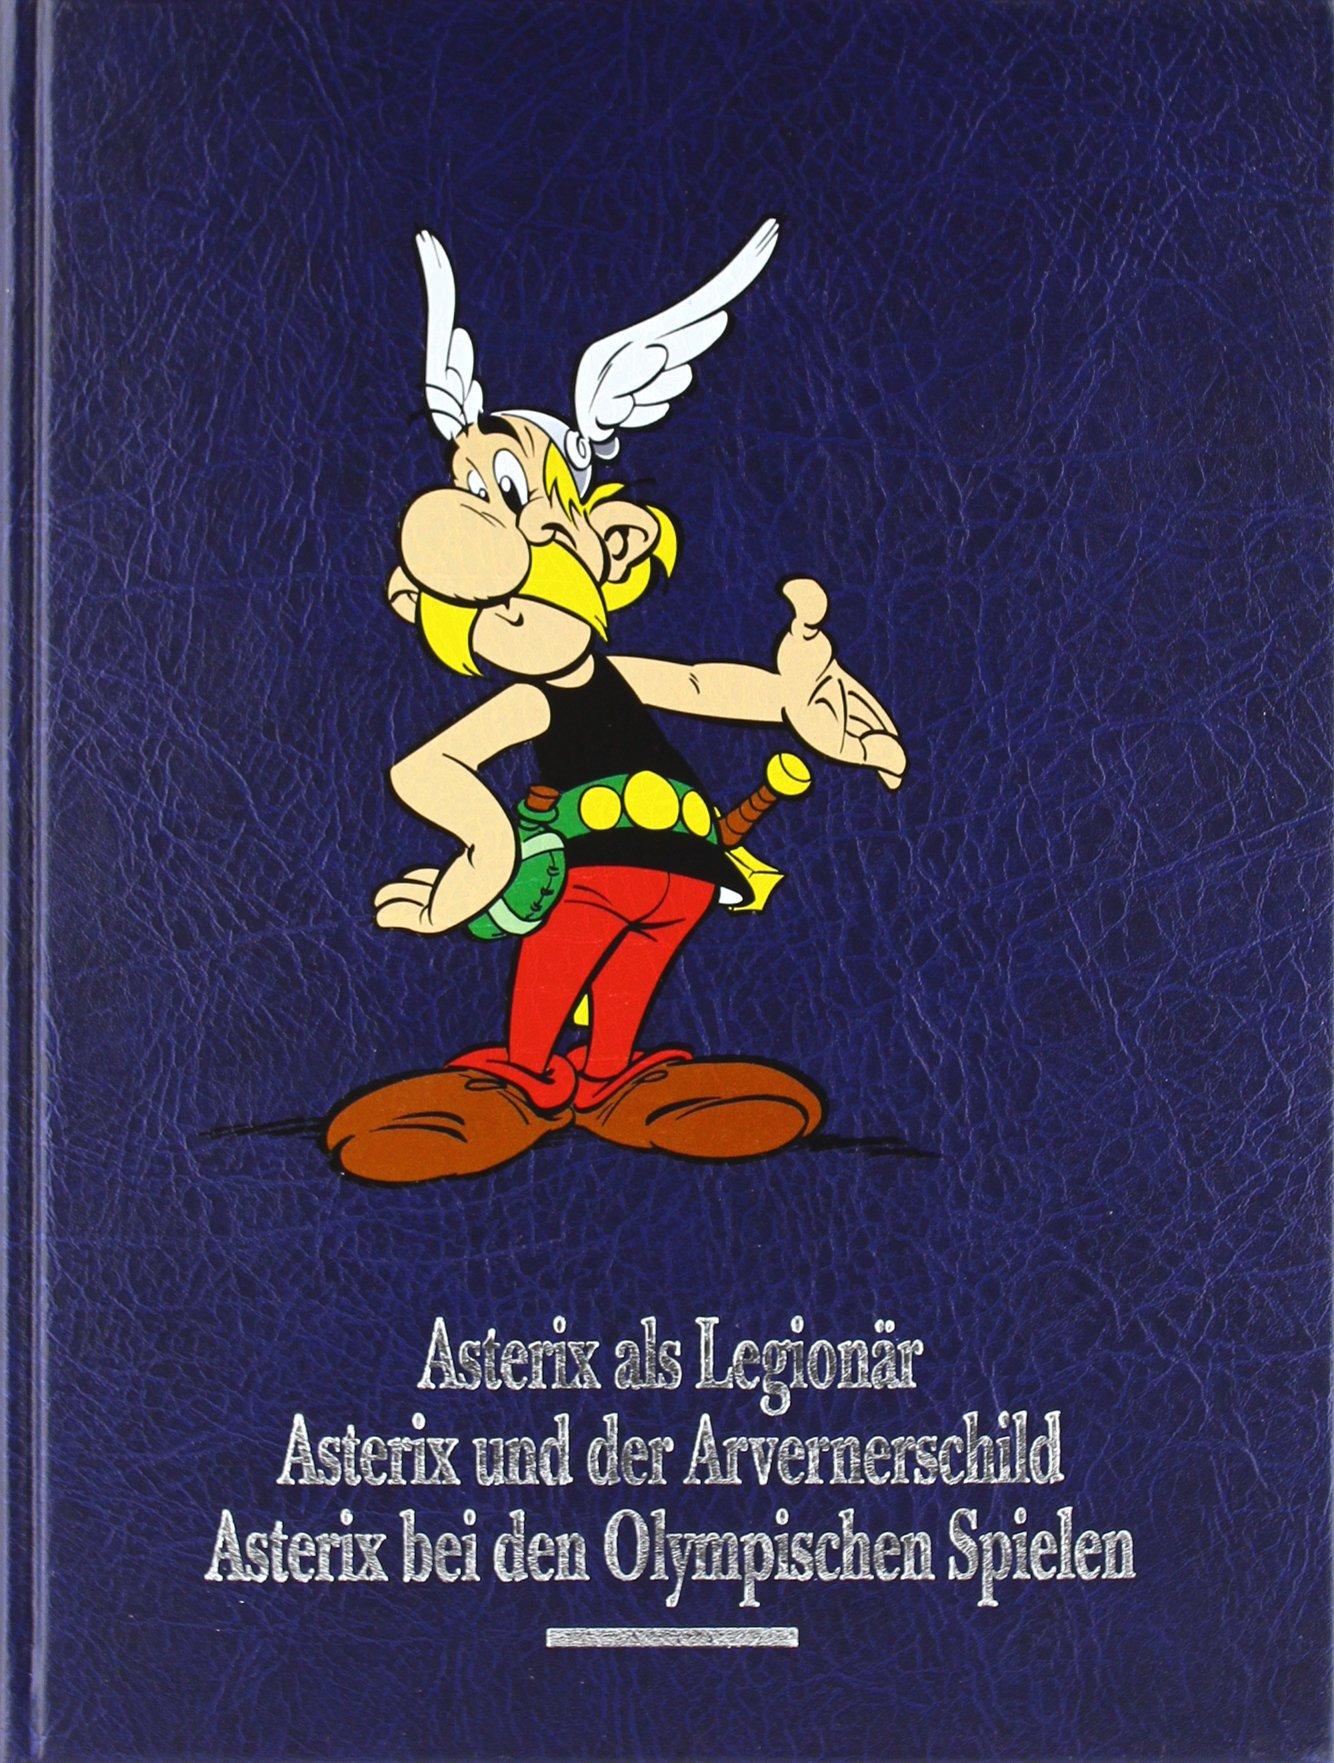 Asterix Gesamtausgabe, Bd.4, Asterix als Legionaer - Asterix und der Avernerschild - Asterix bei den Olympischen Spielen